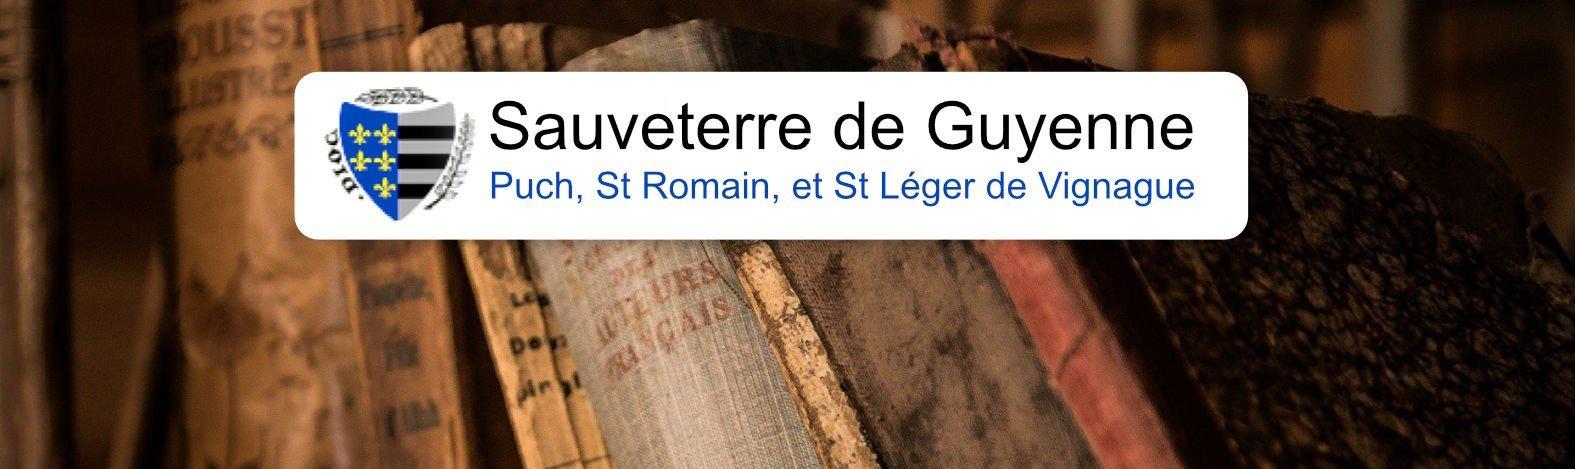 Sauveterre de Guyenne